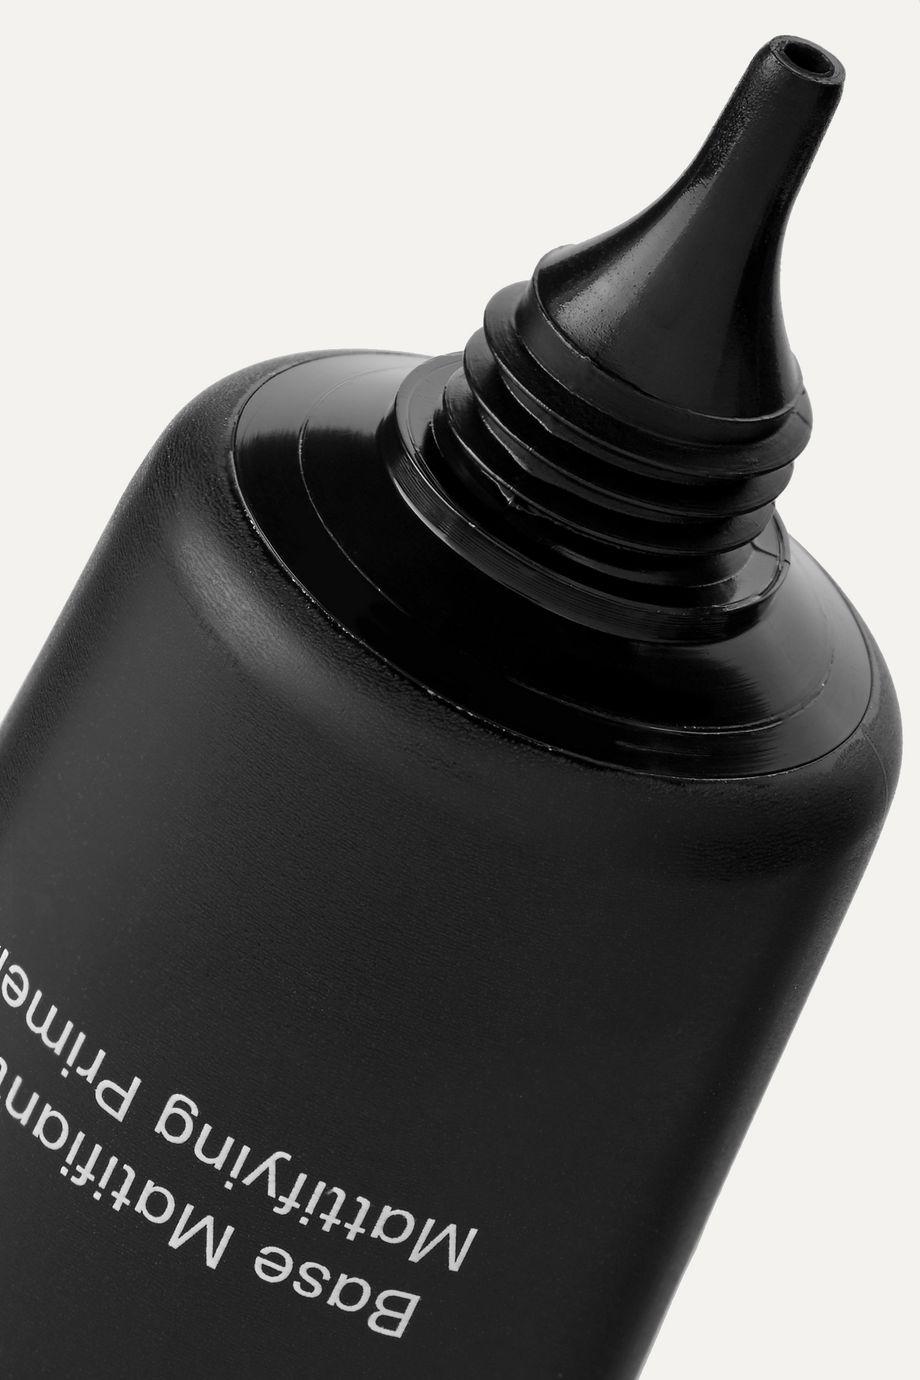 Givenchy Beauty Prisme Primer SPF20 - Matte No. 6, 25ml